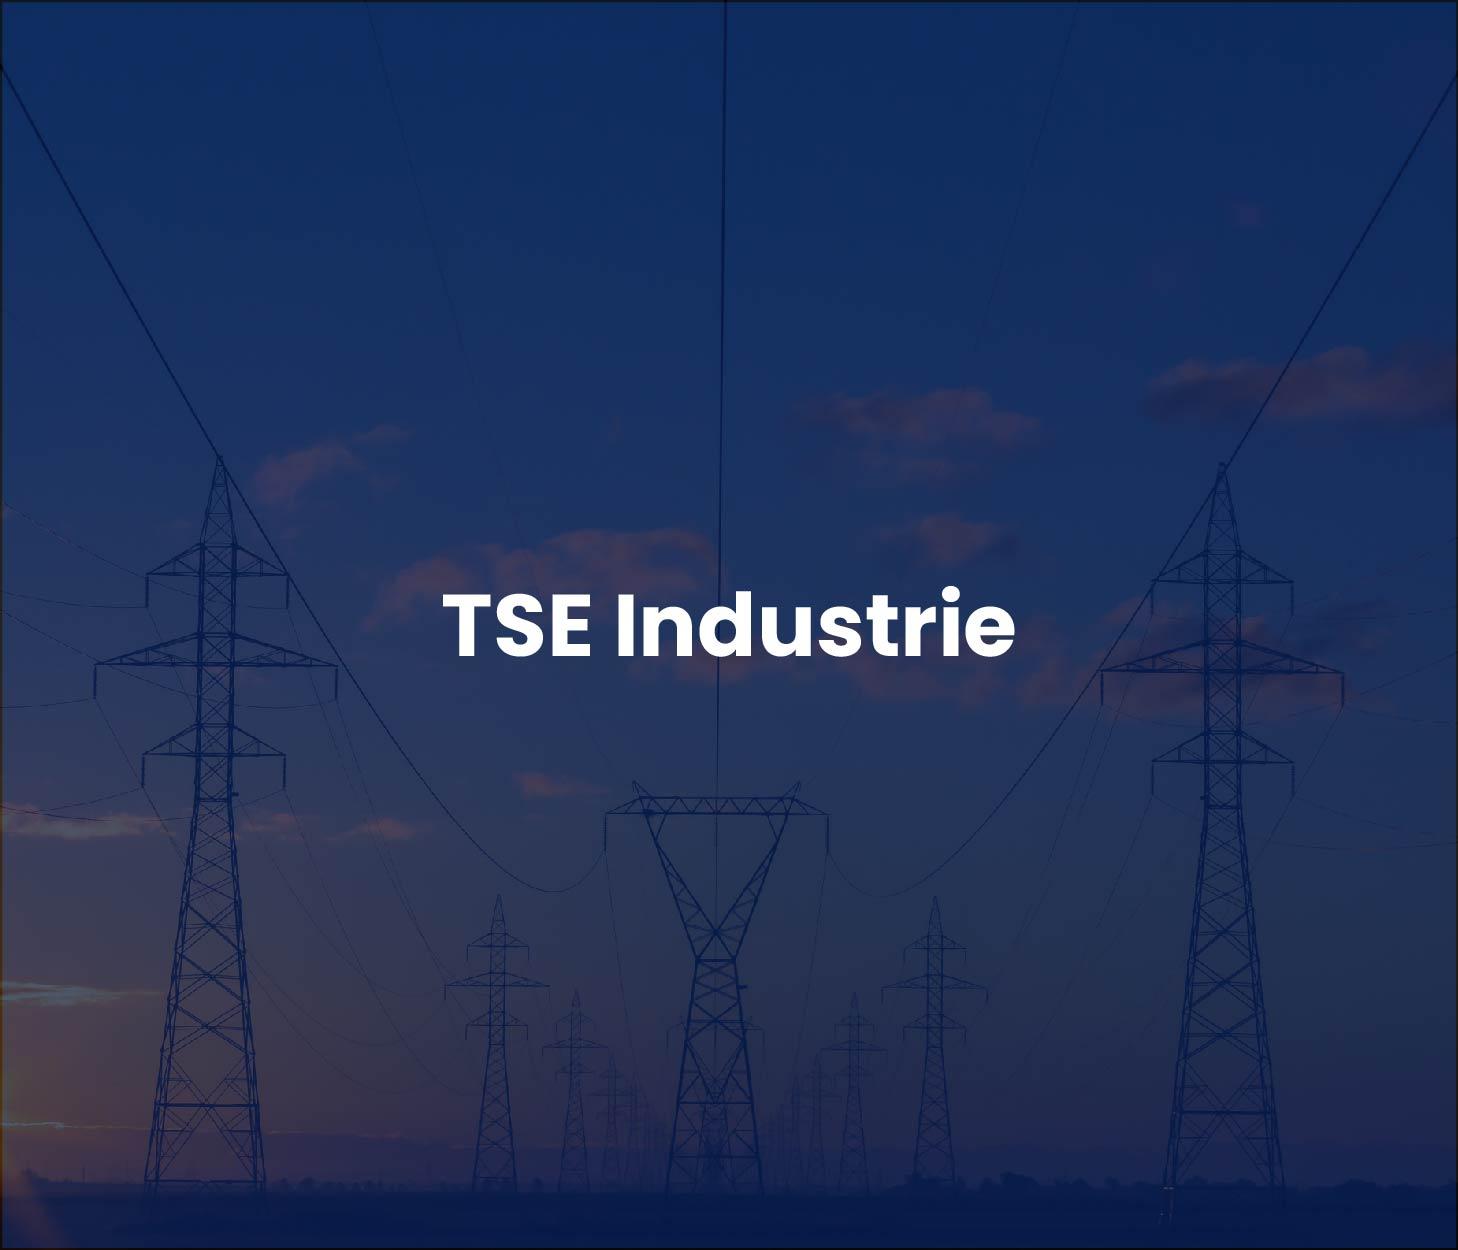 TSE Industrie